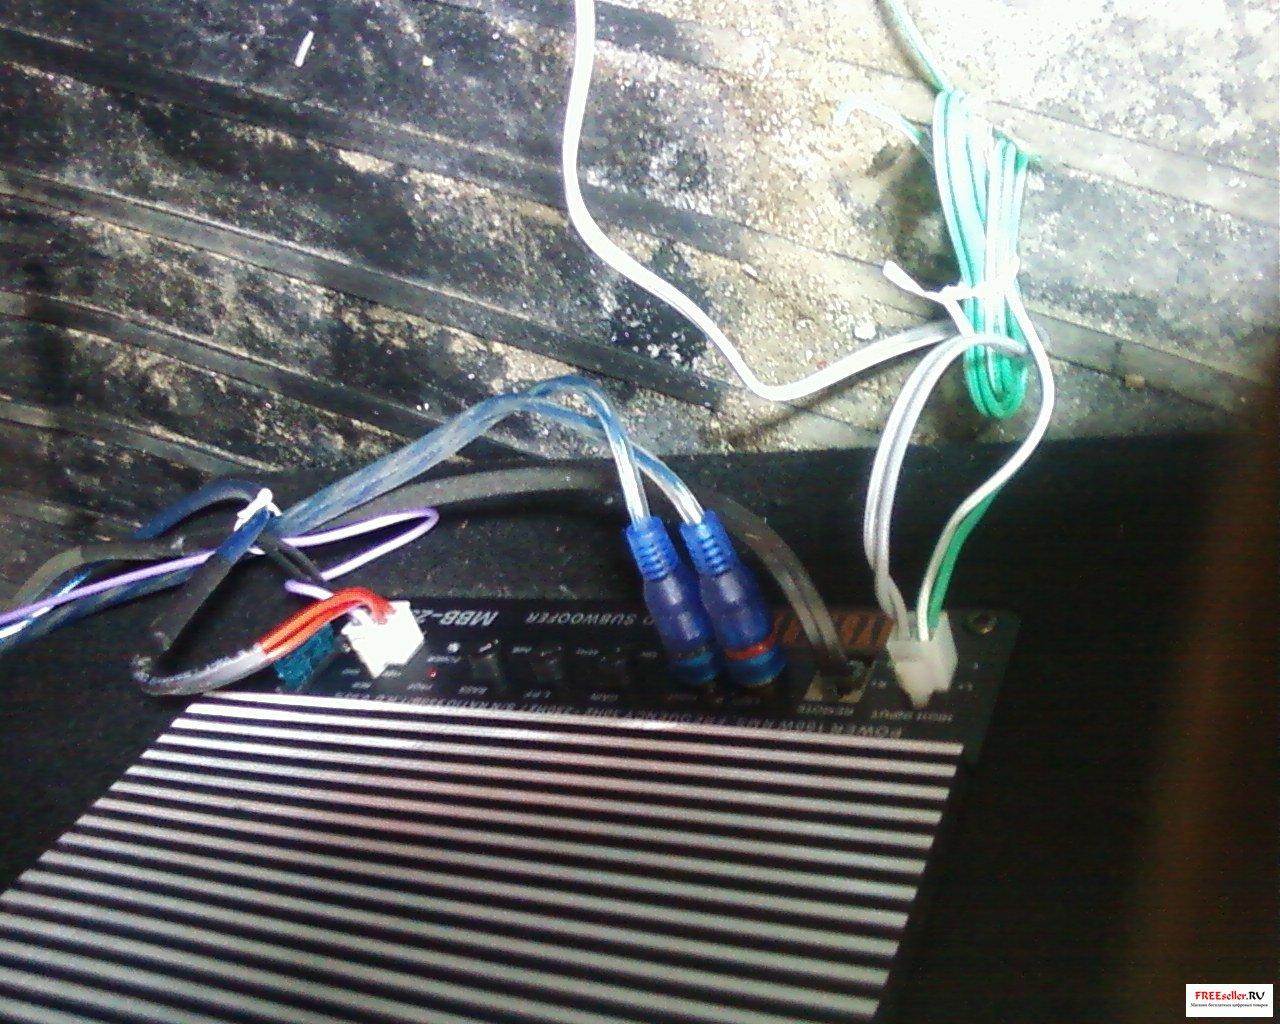 Самодельный усилитель для сабвуфера. Сообщество «Кулибин Club» на DRIVE 2